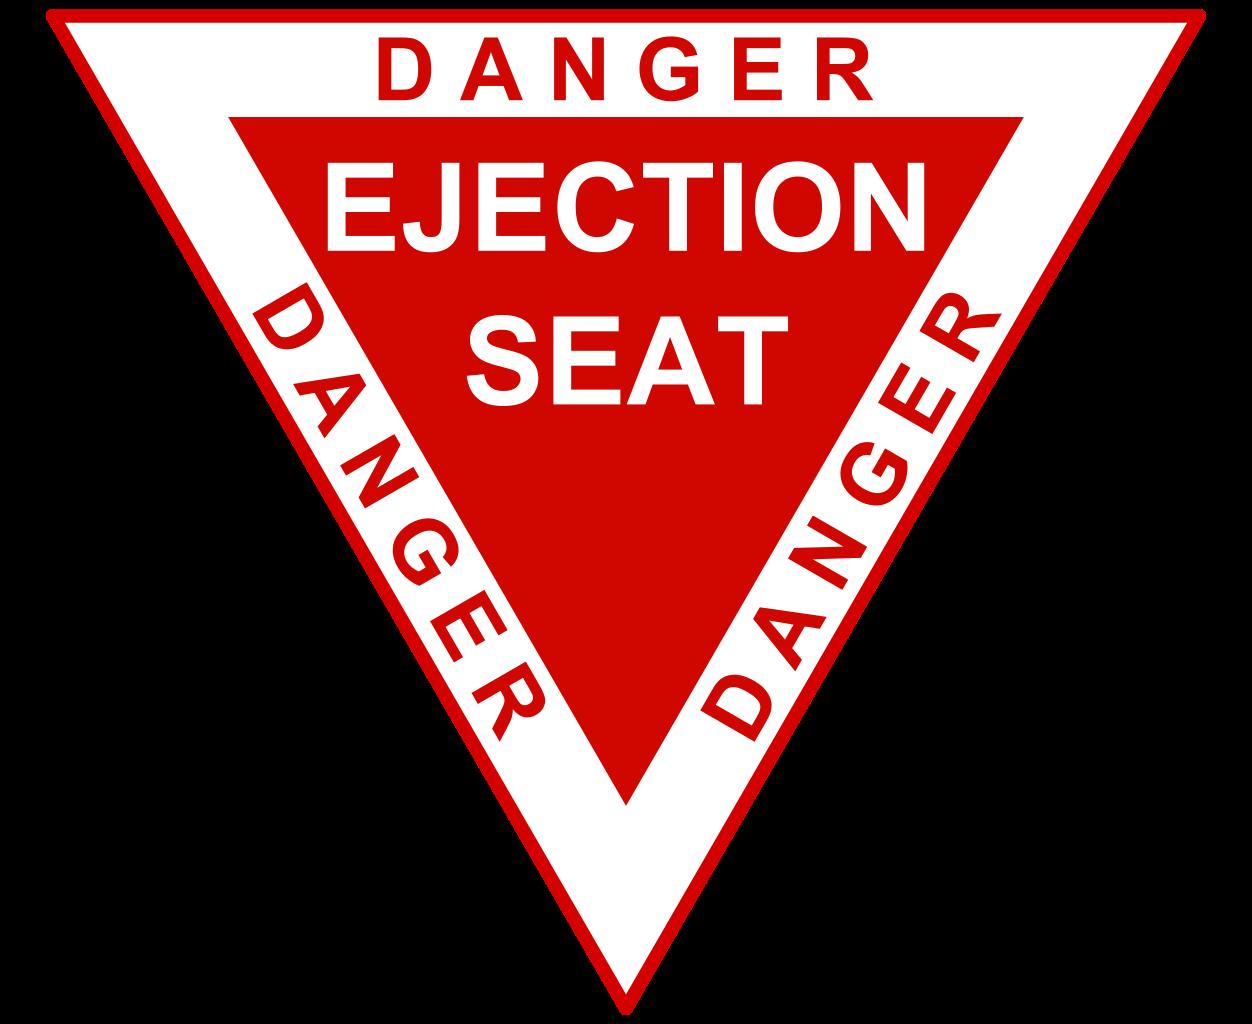 danger-eject-svg